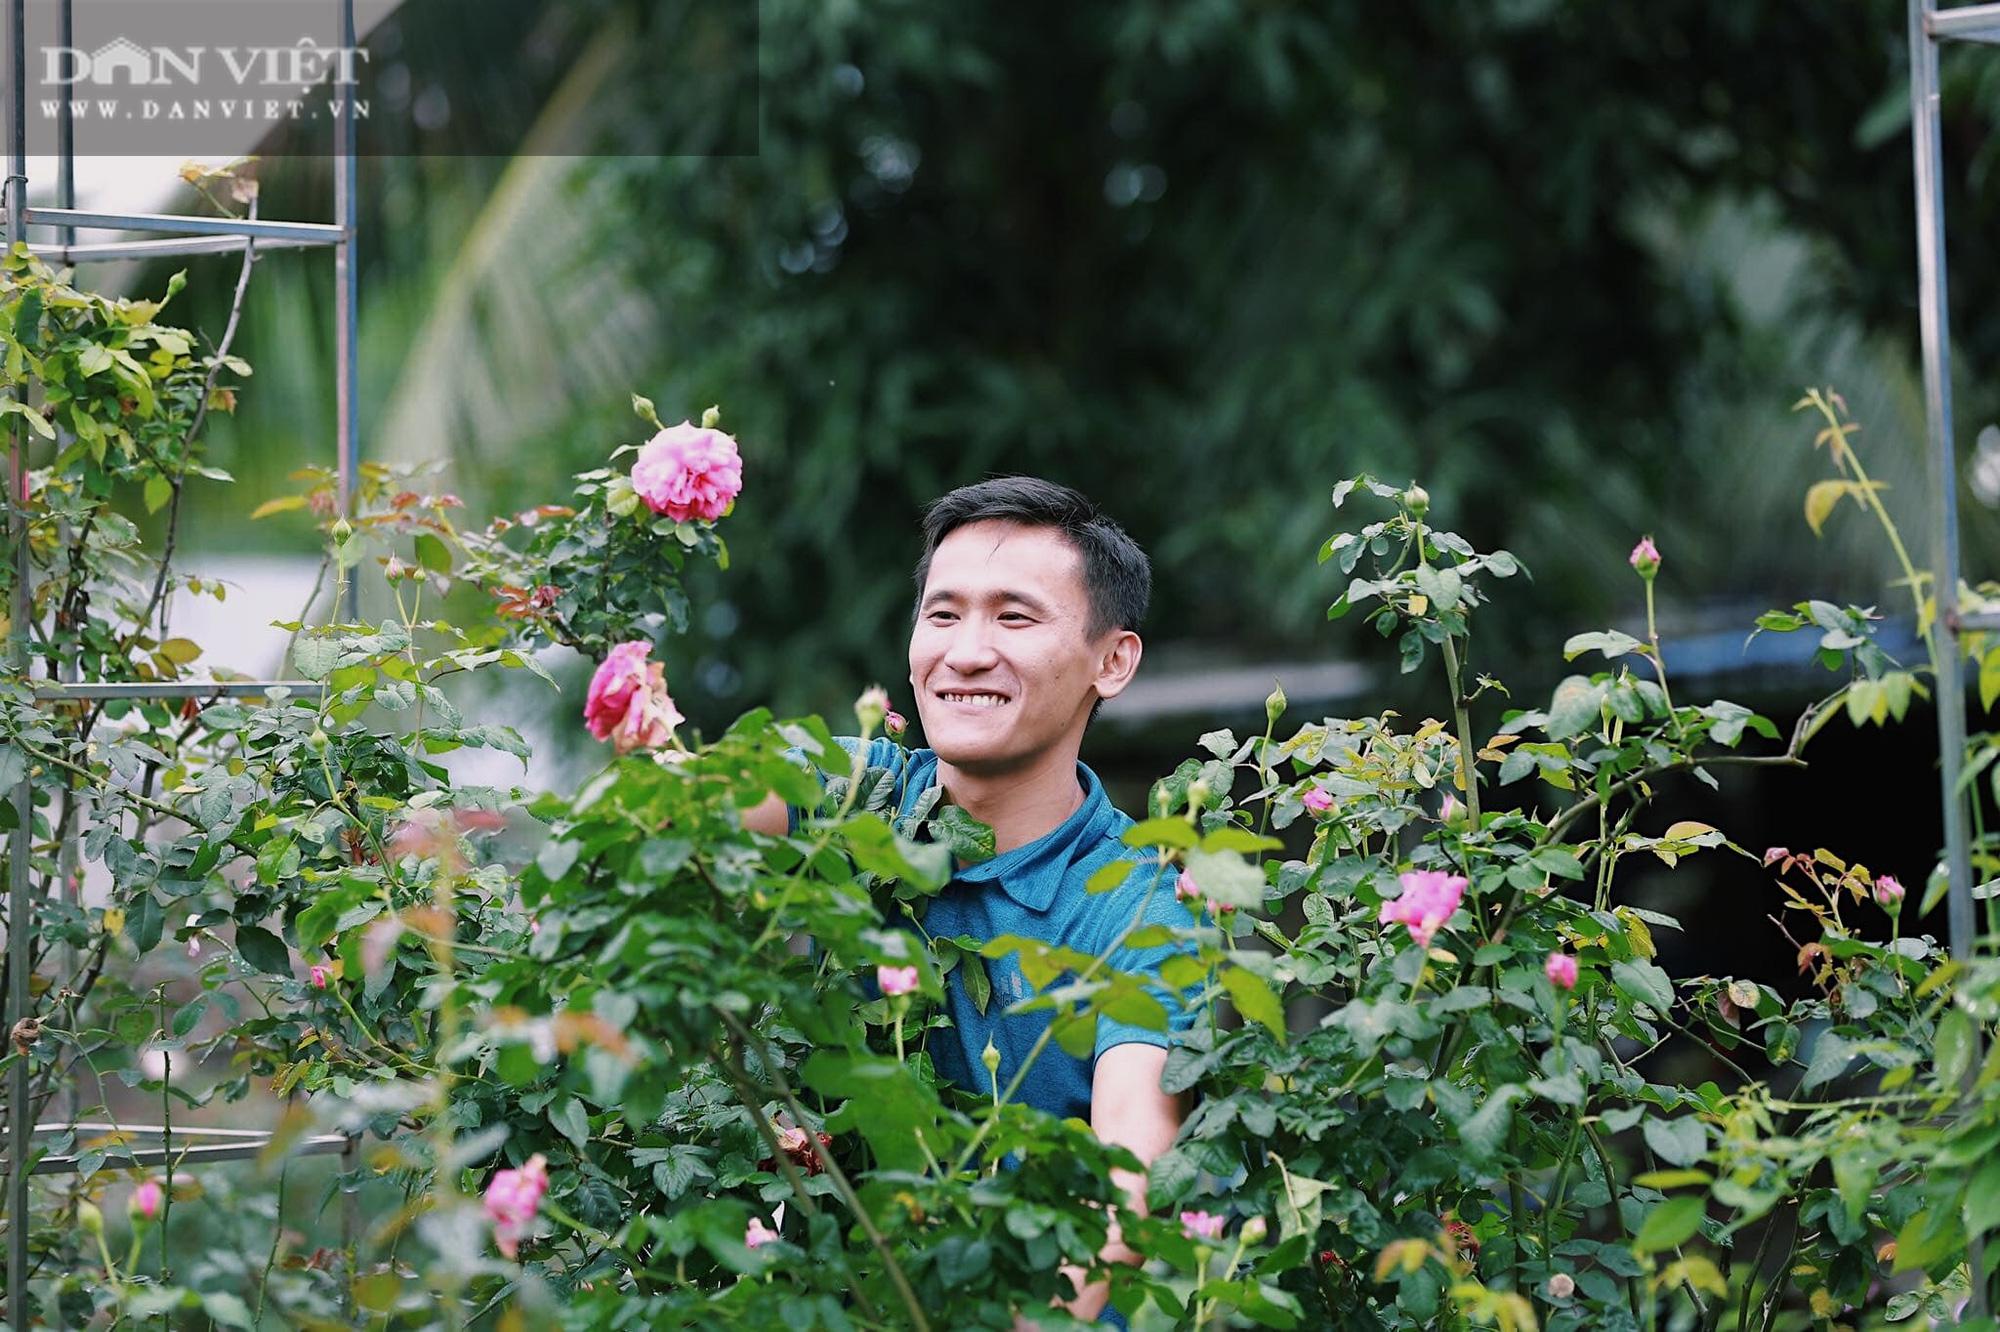 """Thái Nguyên: Trai trẻ 8X """"gác"""" bằng đại học về quê trồng thứ hoa thơm ngát cả vùng, kiếm hàng chục triệu đồng mỗi tháng - Ảnh 3."""